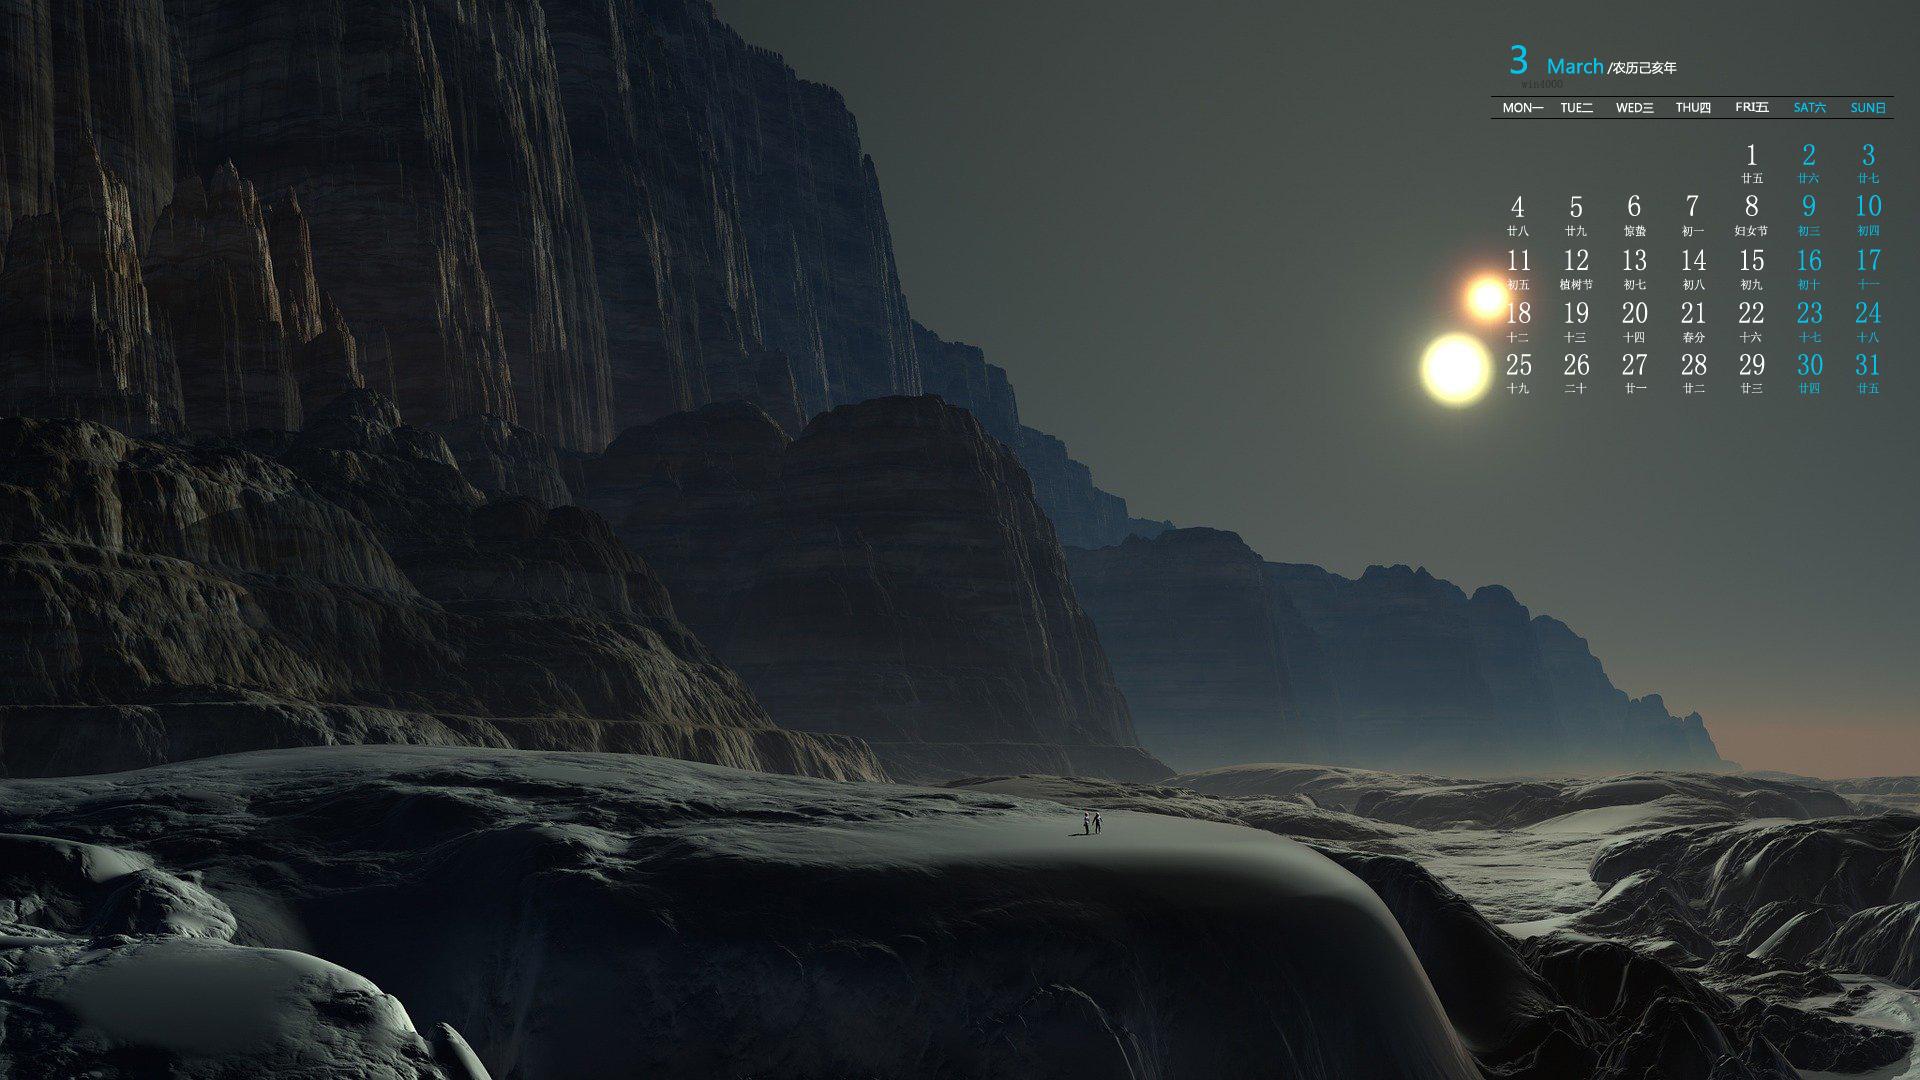 科幻风格星球效果桌面日历壁纸